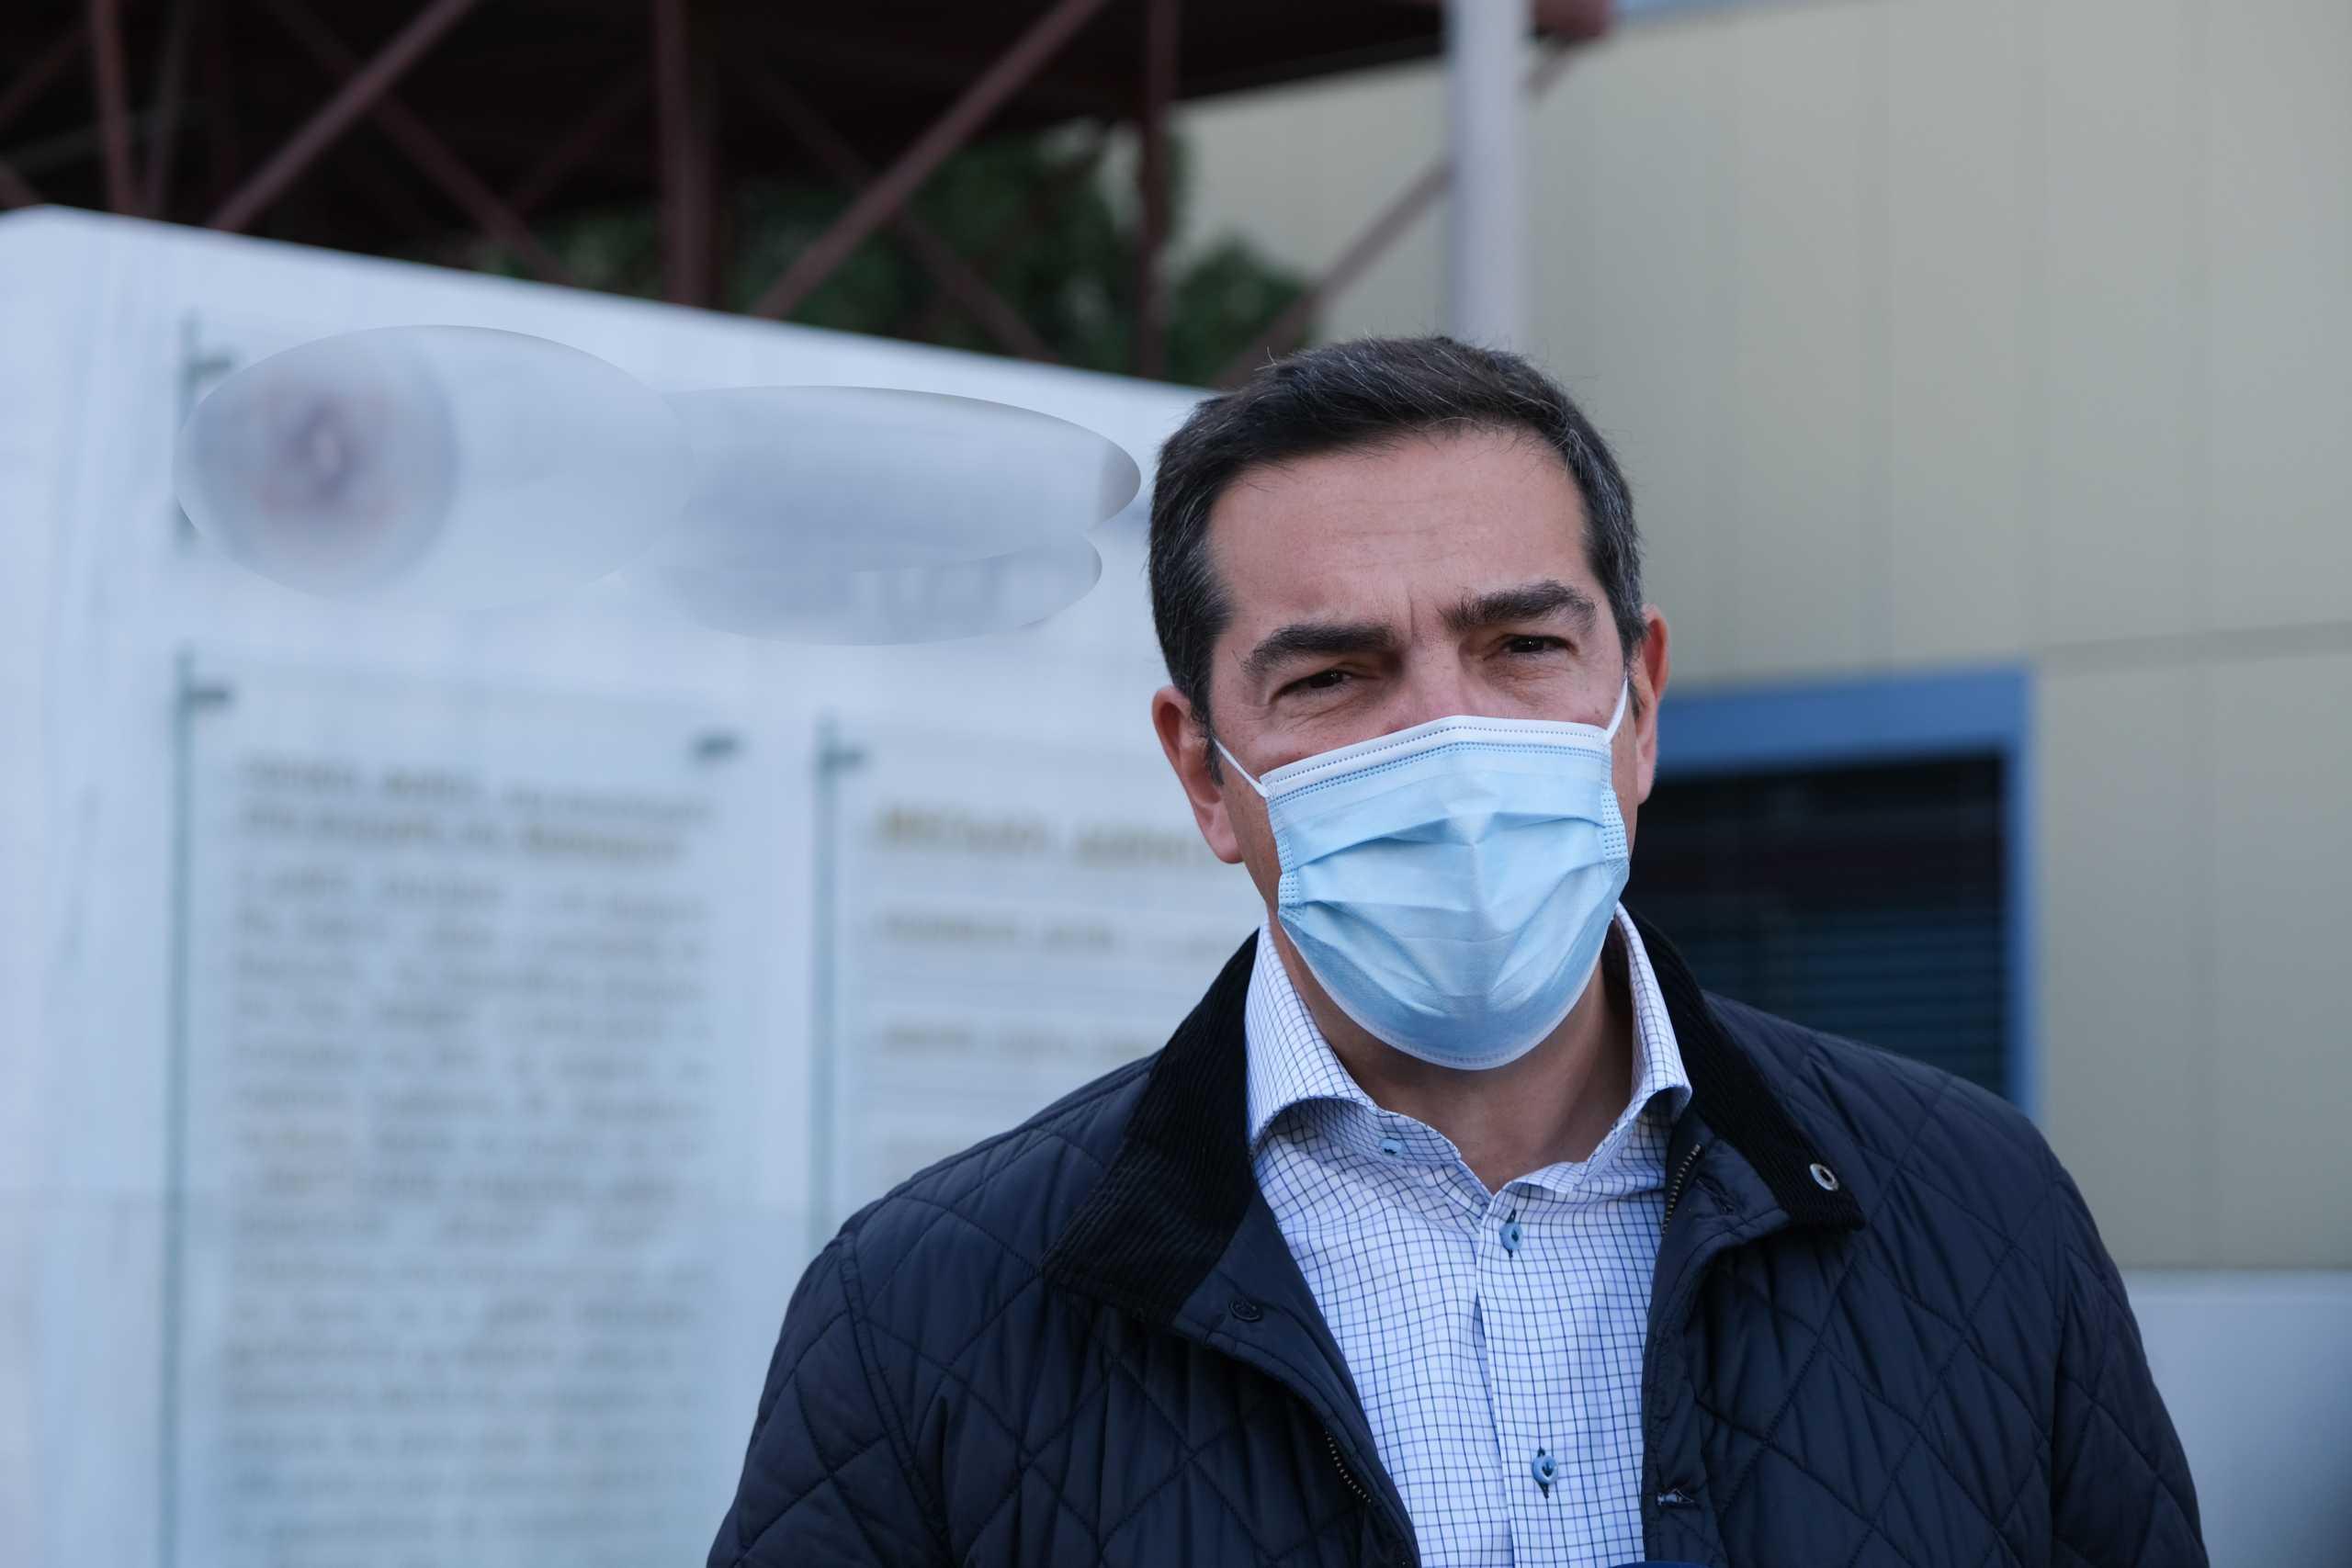 ΣΥΡΙΖΑ: Ο Τσίπρας παρουσιάζει την πρόταση για την οικονομία – Οι τρεις άξονες του σχεδίου